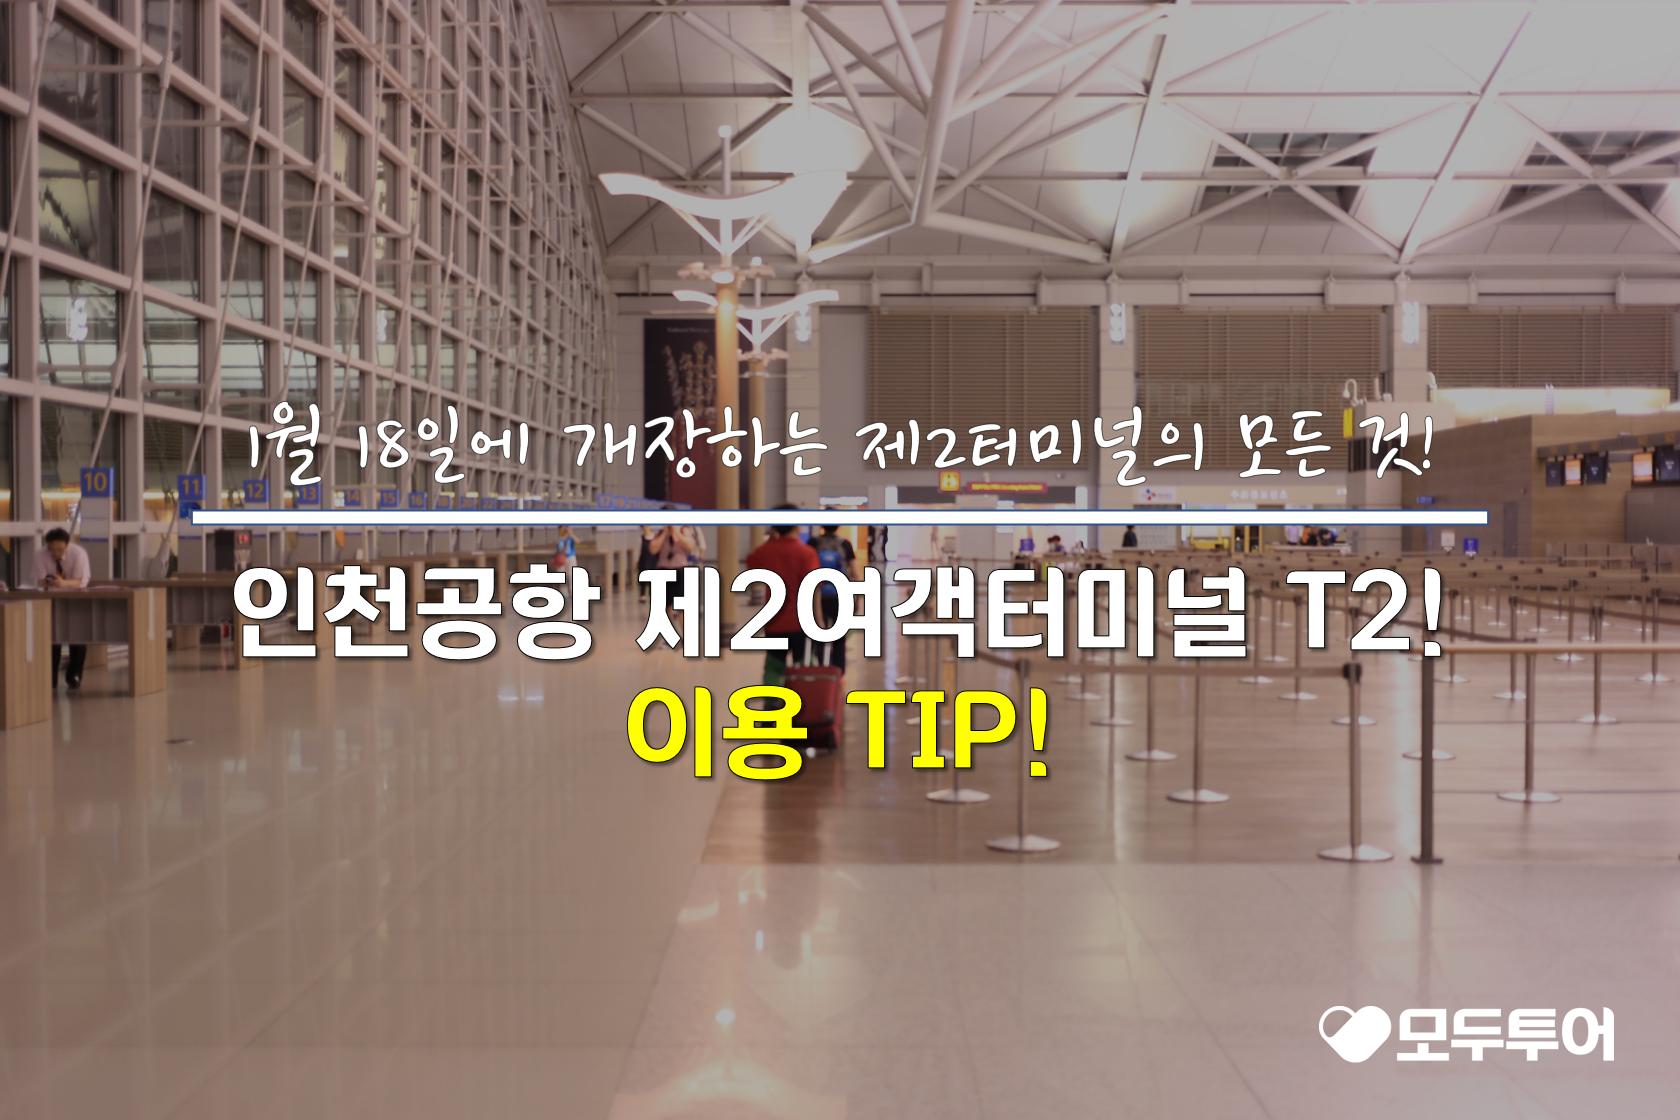 인천국제공항 제2여객터미널에 대해 알아보자!